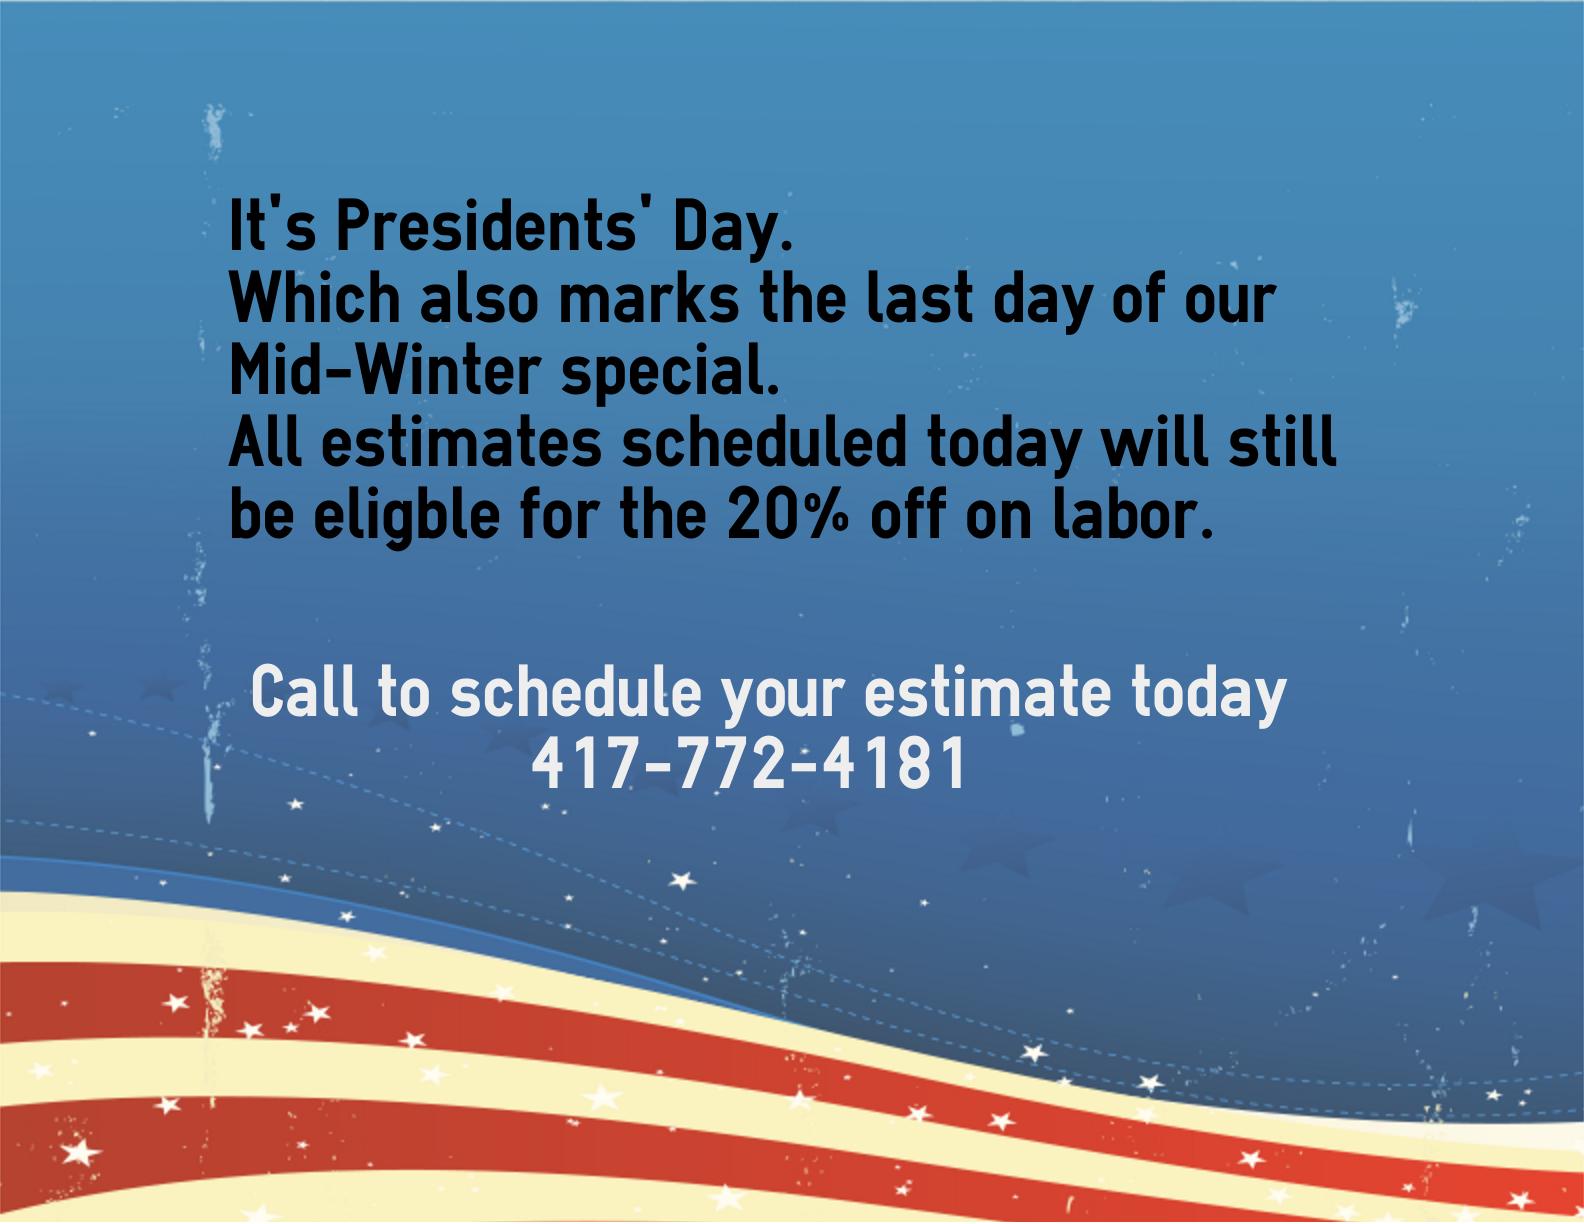 presidentsday2